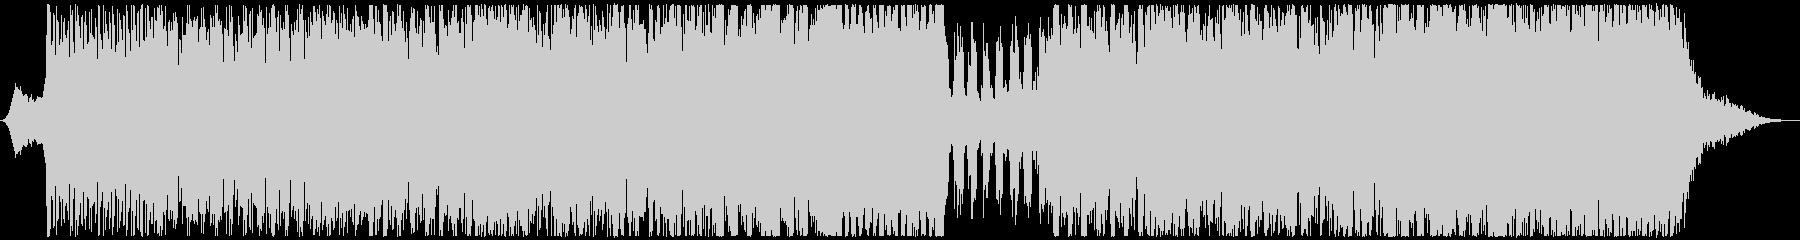 メトロポリスの未再生の波形